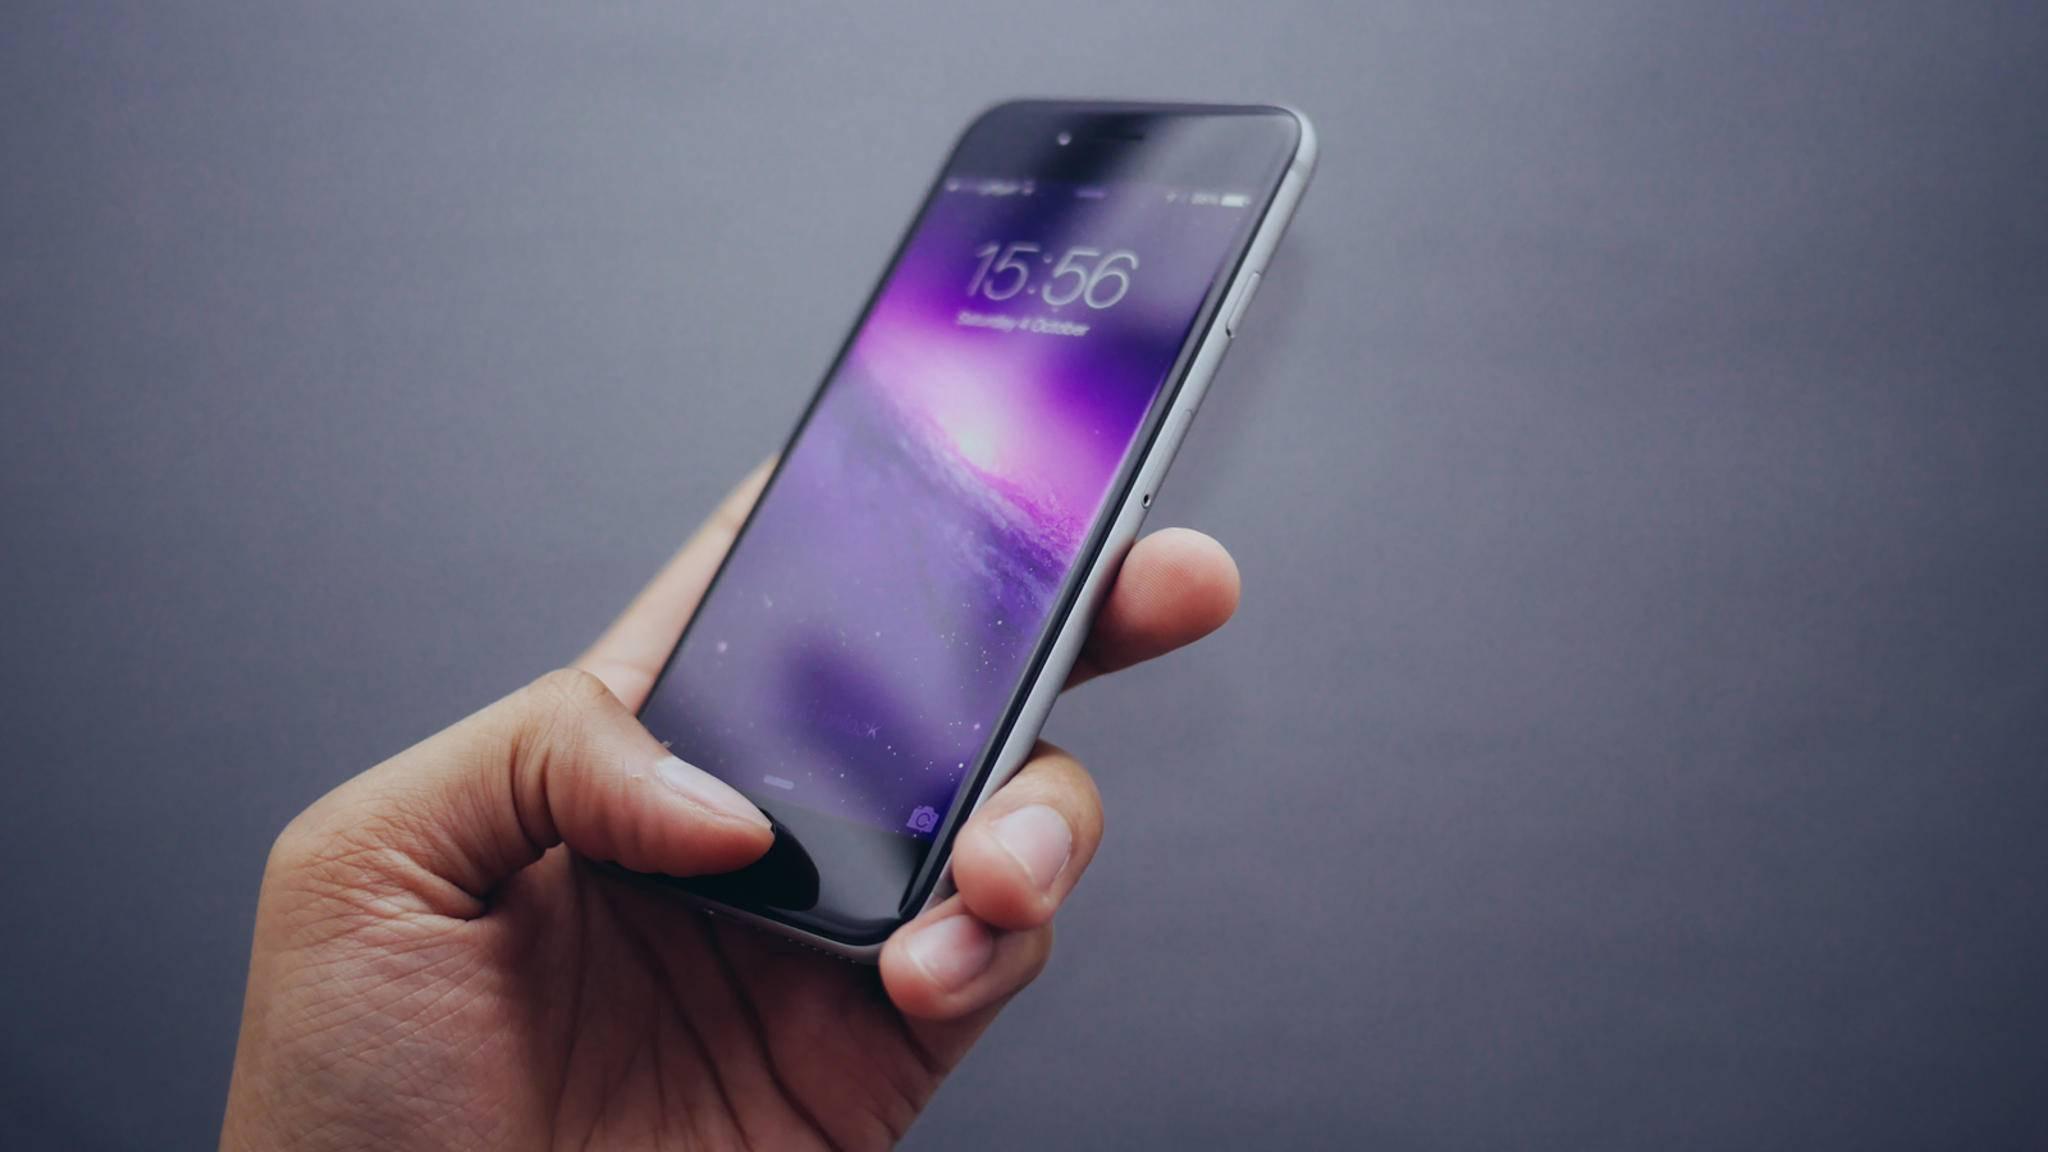 Ohne das iPhone zu entsperren in die Kamera-App wechseln – iOS 10 macht's möglich.